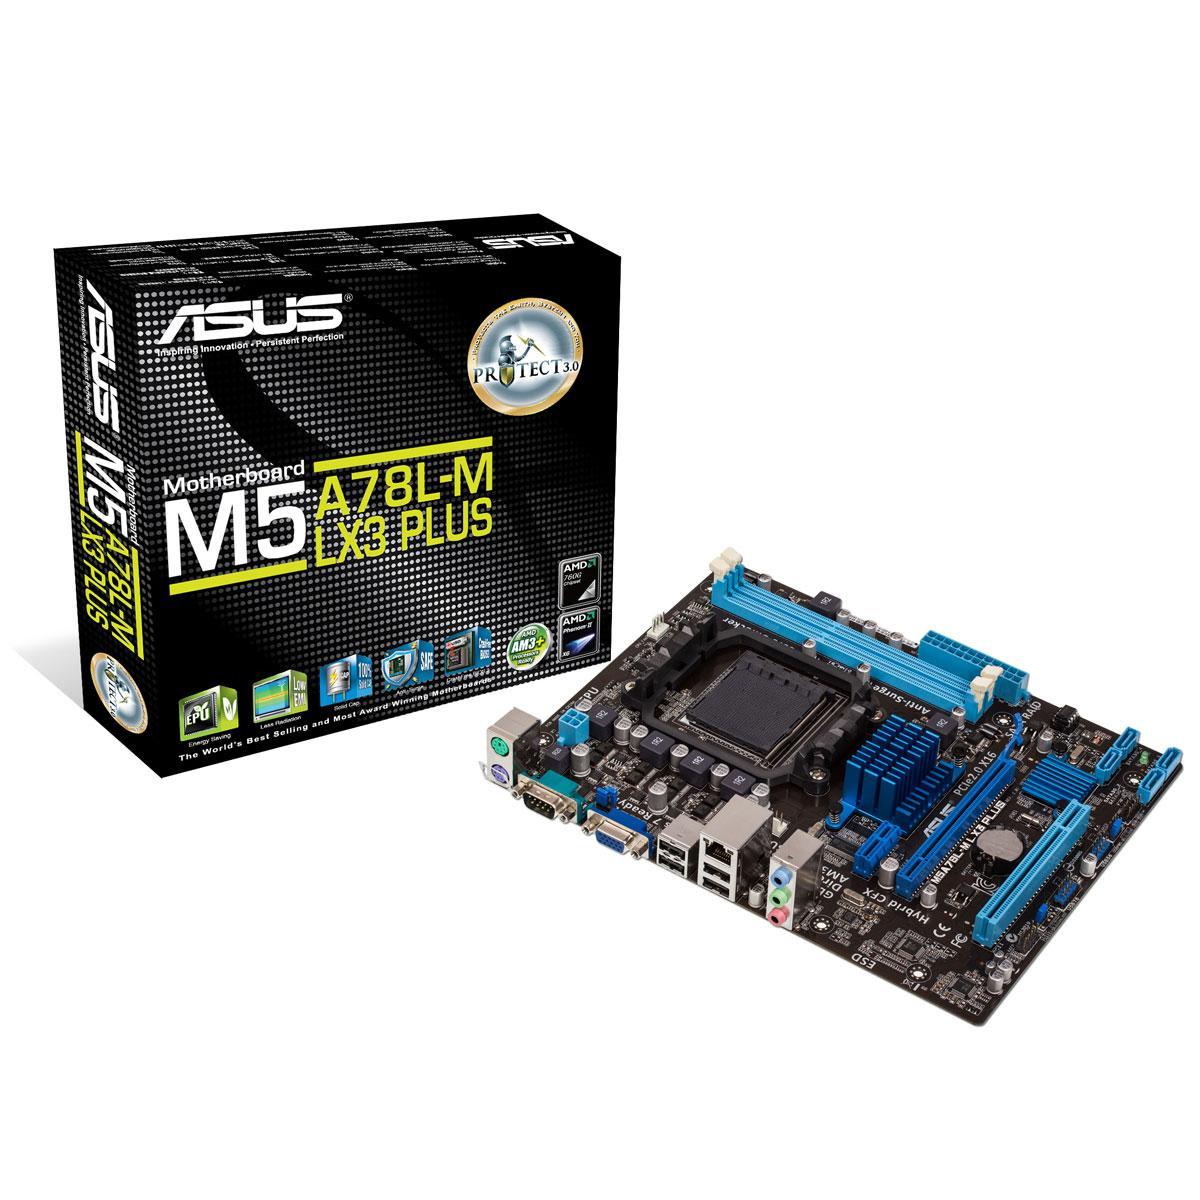 Дънна платка ASUS M5A78L-M LX3 Socket AM3+, 2xDDR3